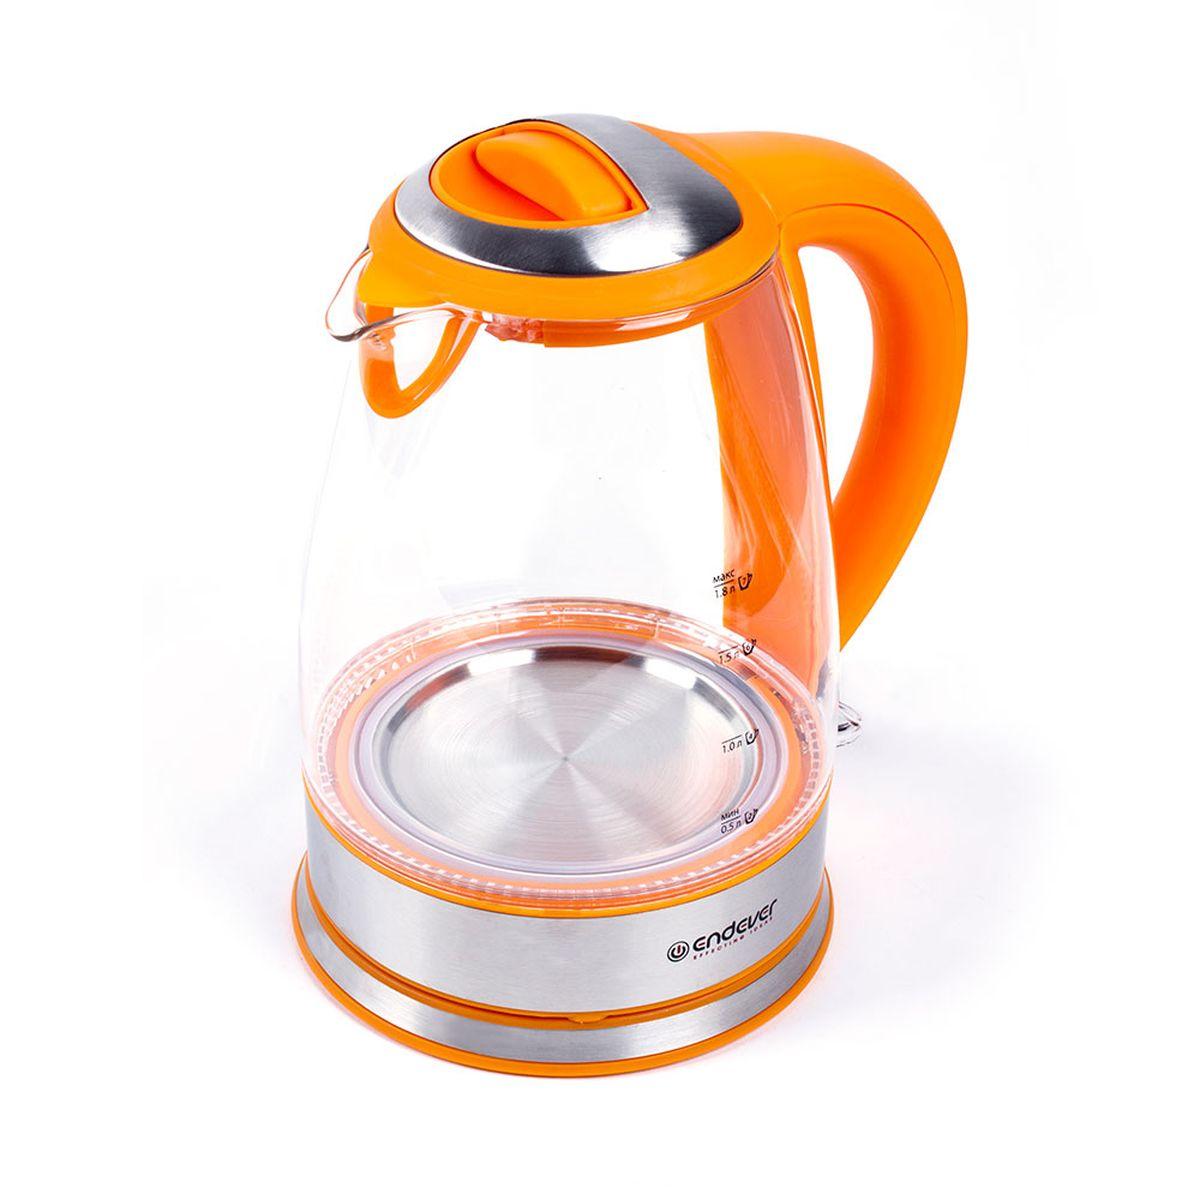 Endever KR-317G Skyline чайник электрическийKR-317GEndever KR-317G Skyline - это мощная (2400 Вт) модель большого объема (1,8 л). С помощью этого чайника вы сможете приготовить чай на большую компанию за считанные минуты. Вращающийся корпус сделает использование чайника еще более удобным, а фильтр избавит от попадания накипи в чашку. Корпус из термостойкого ВIO-стекла исключает выделение вредных веществ, кислот и солей, сохраняет полезные свойства и природный вкус воды.